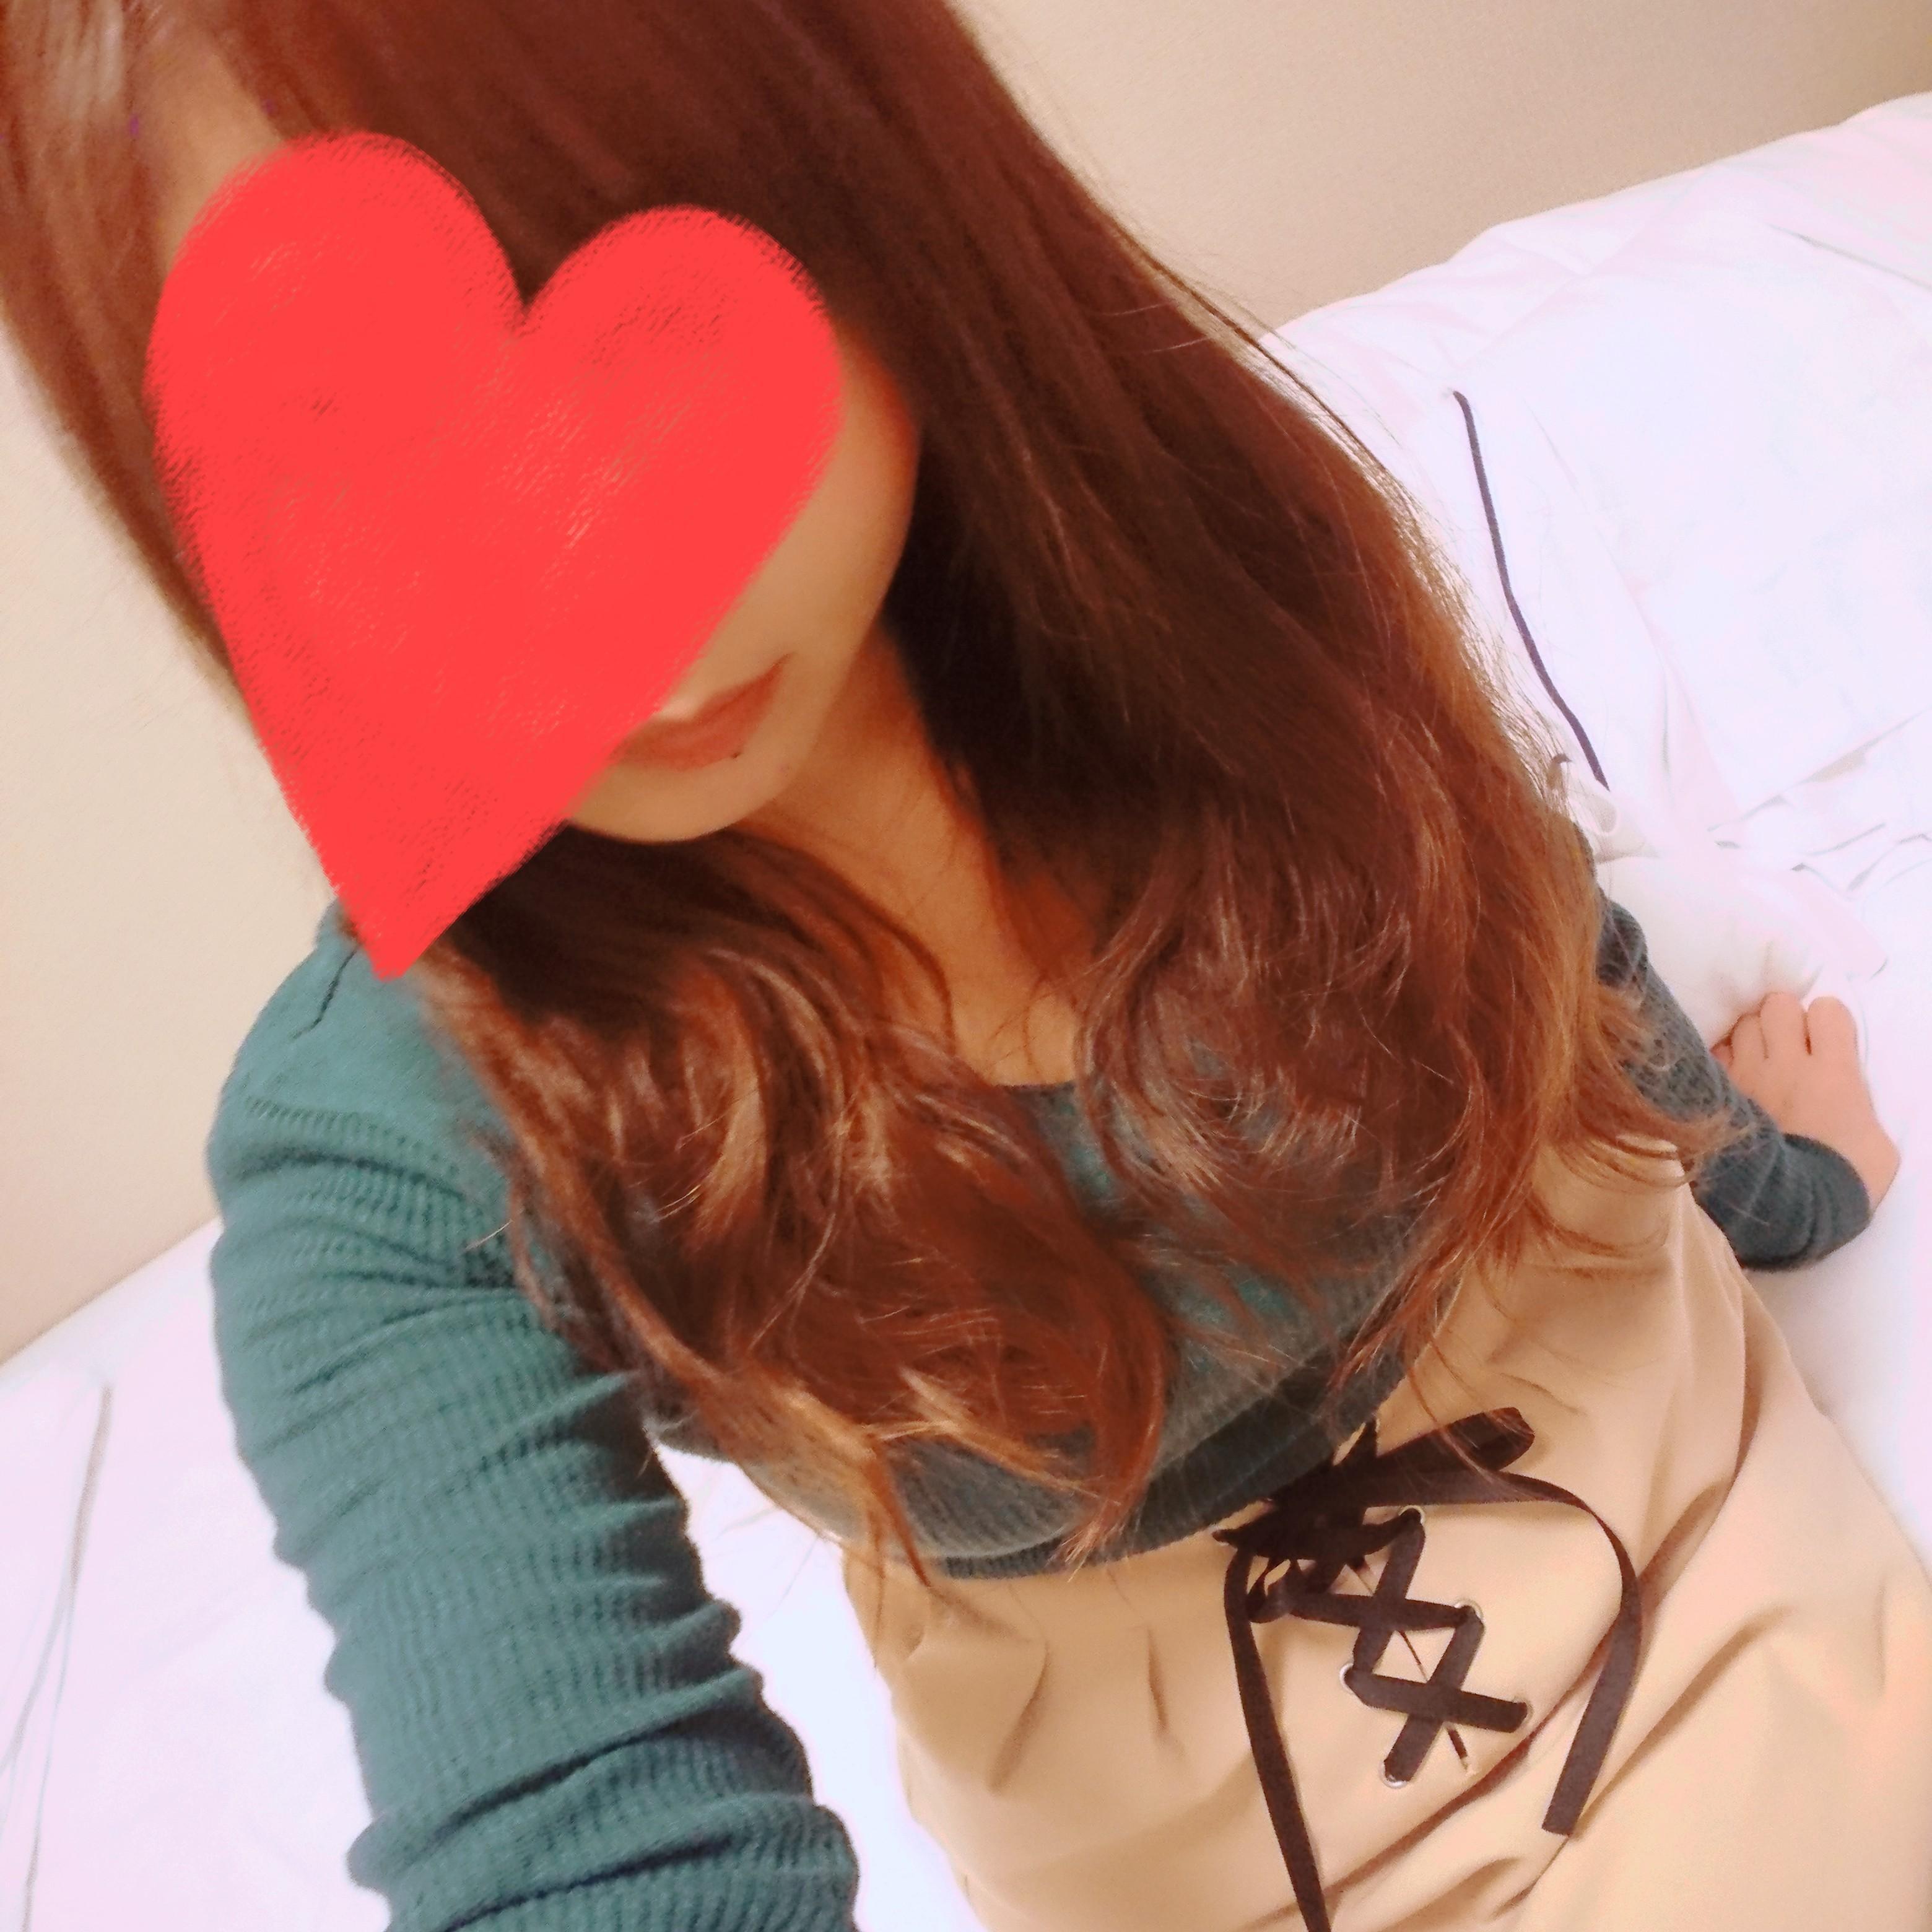 「おはよぅ(///ω///)♪」01/16(水) 11:22 | ゆきなの写メ・風俗動画